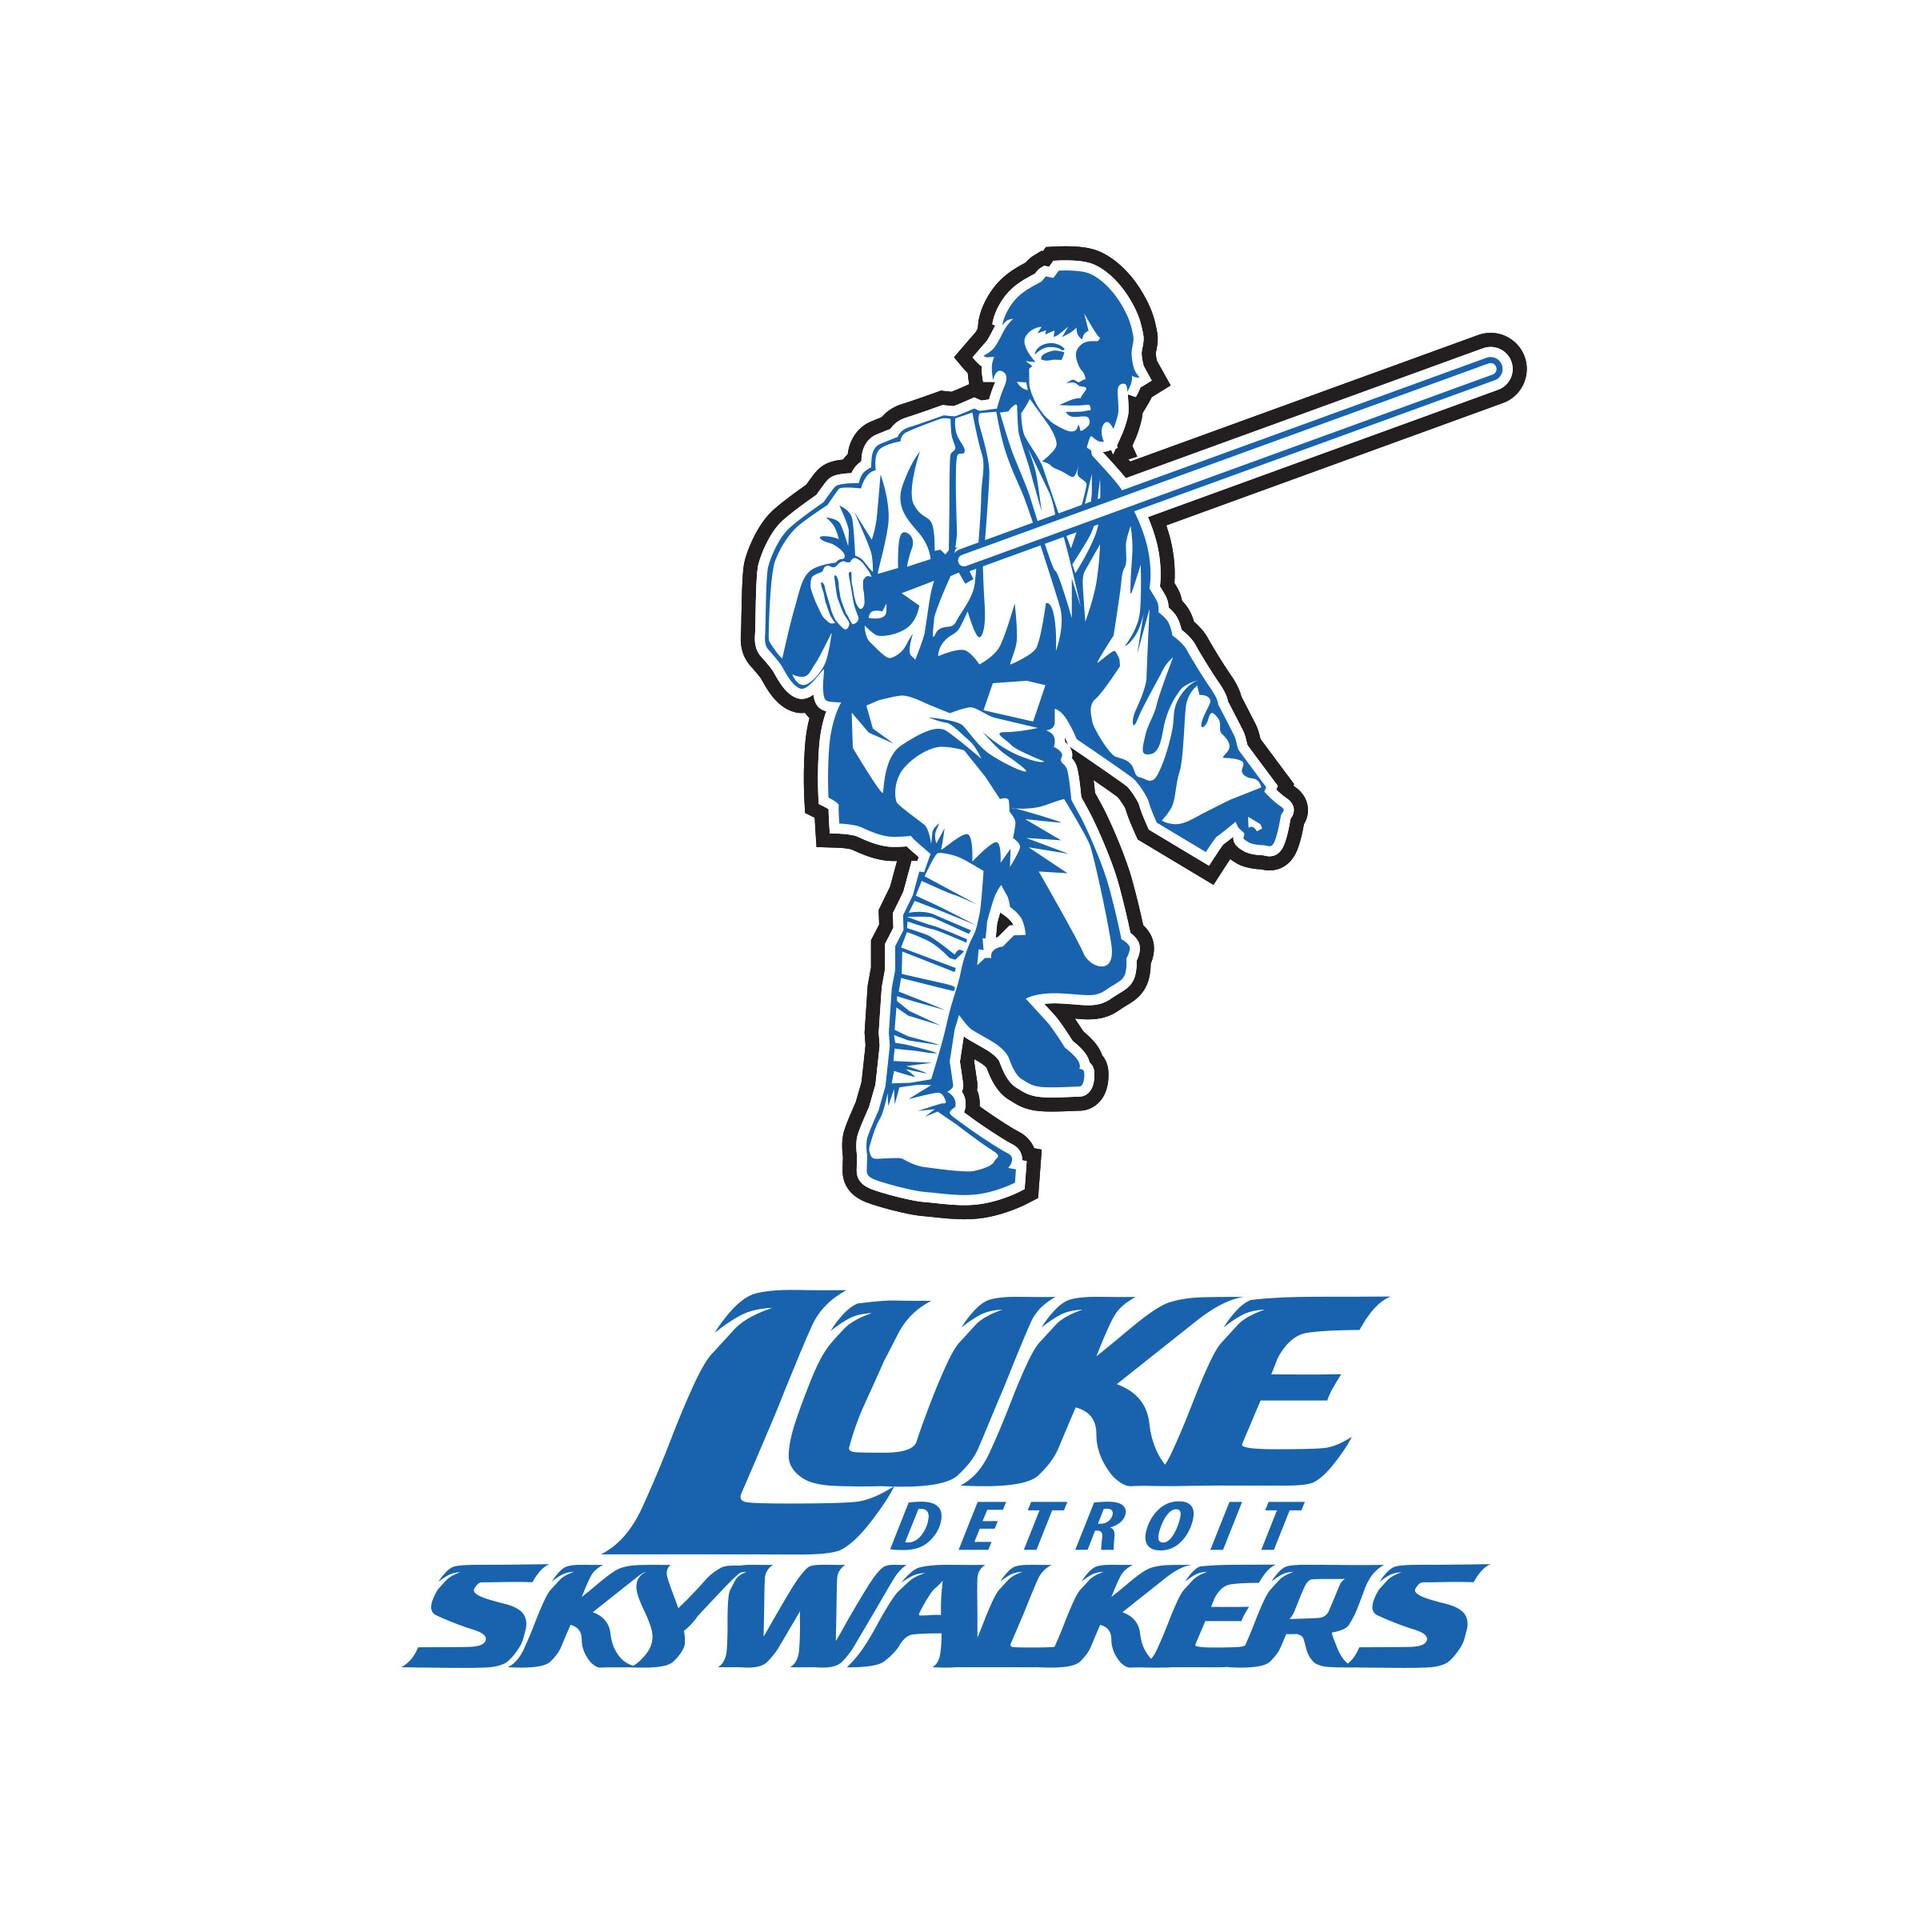 Detroit Luke Skywalkers